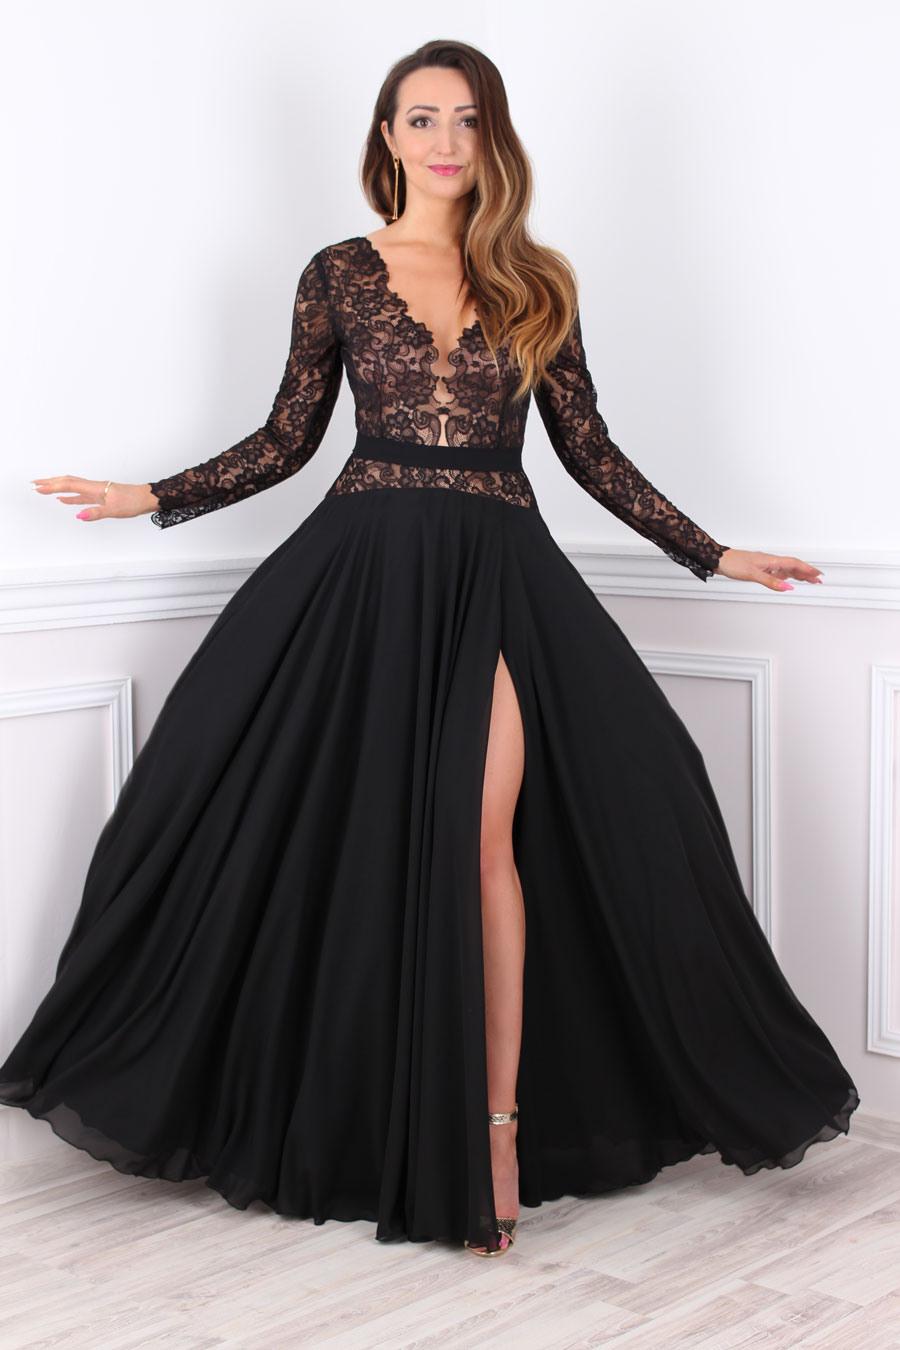 15 Einzigartig Xxl Abendkleid Design Genial Xxl Abendkleid Design